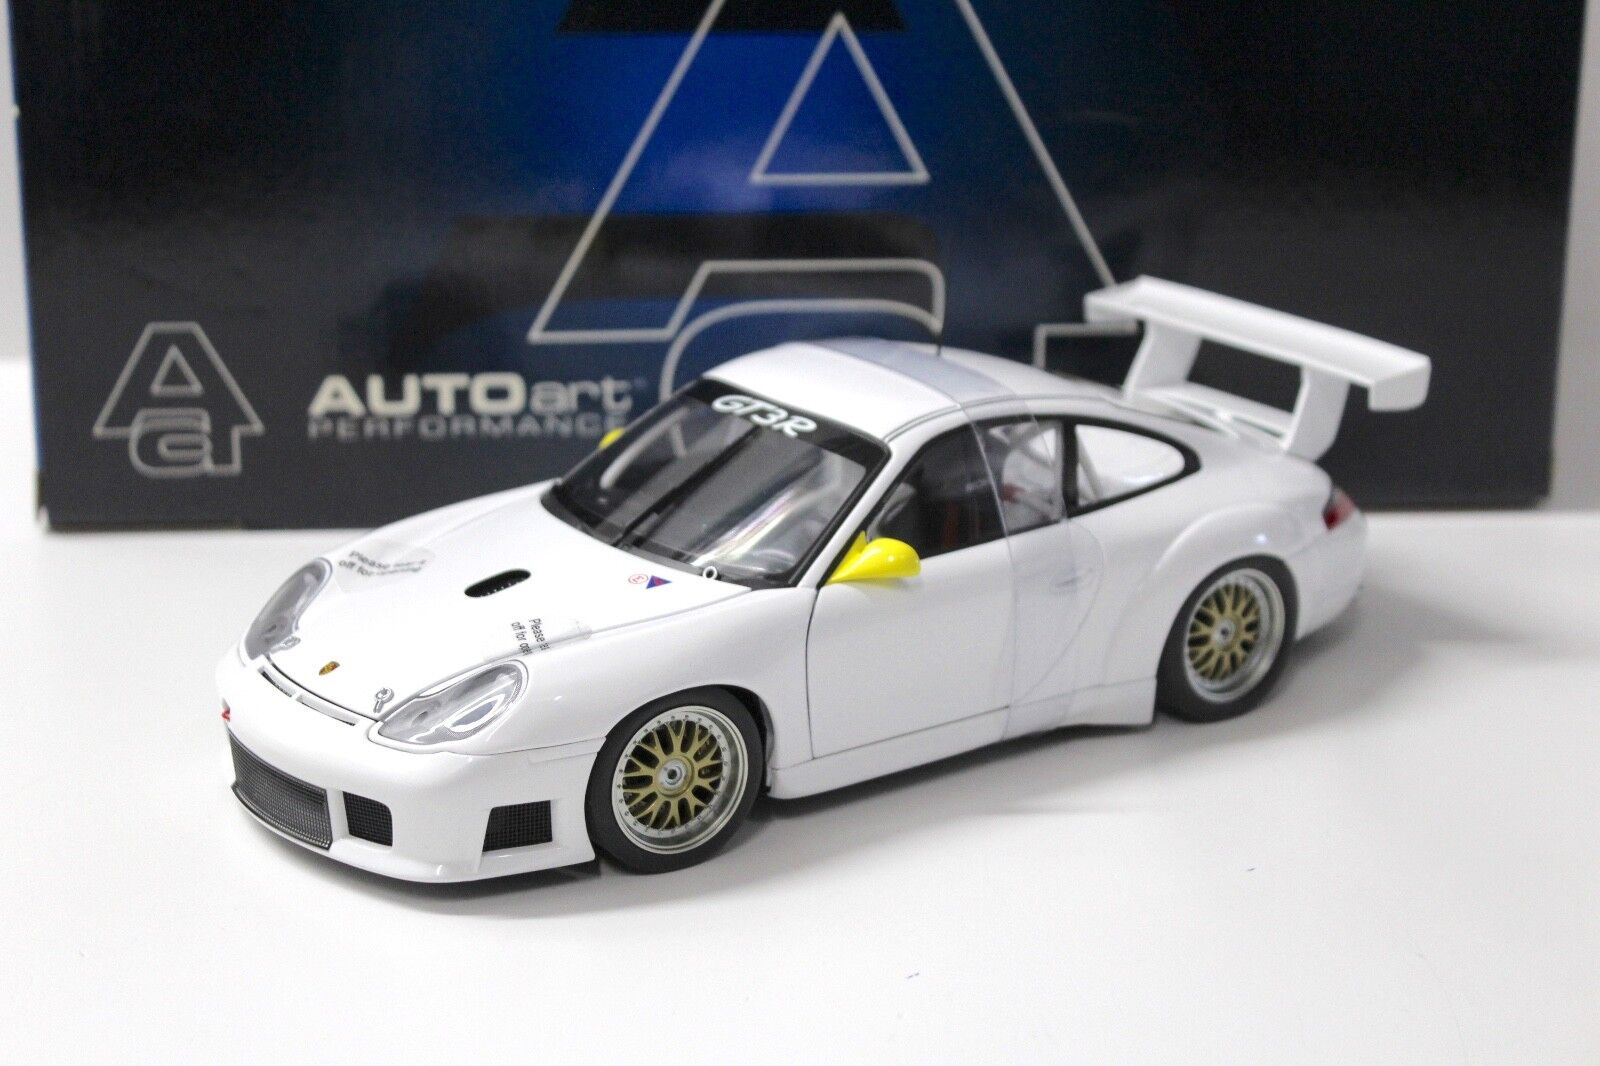 18 autoart porsche 911 (1996) gt3r schlicht körper weiße neue bei premium-modelcars